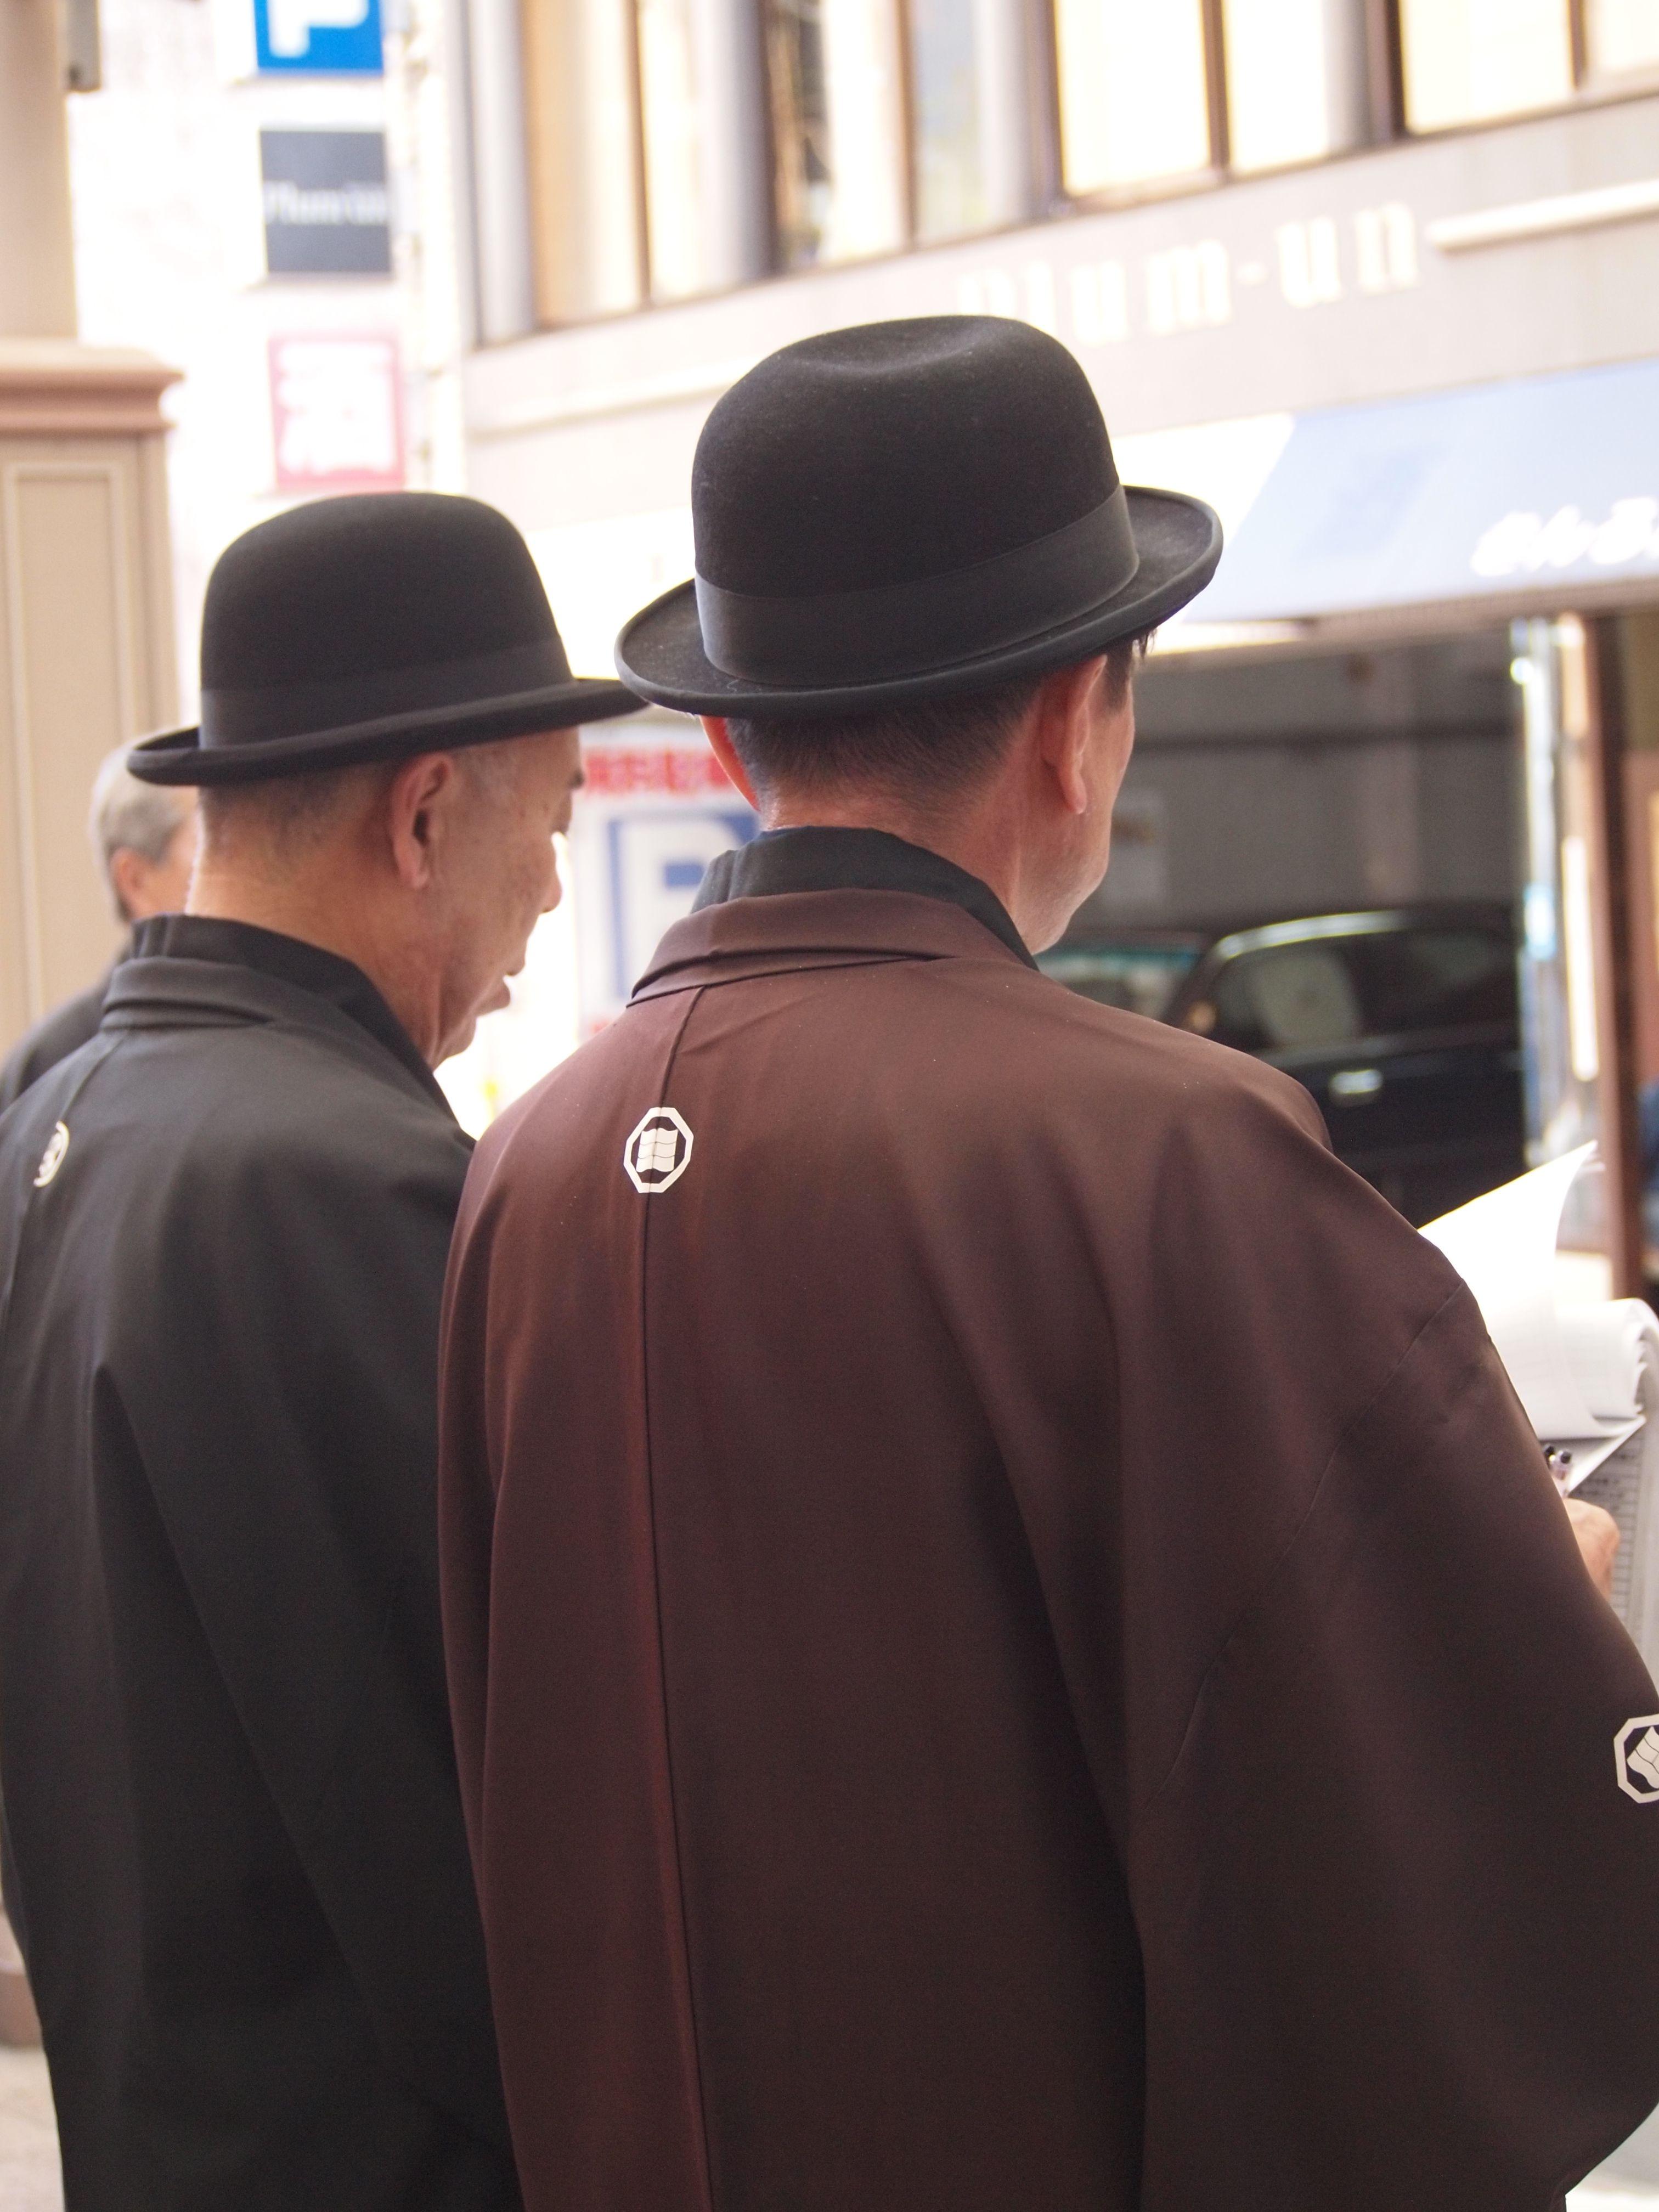 紋付袴に帽子の粋な姿が、長崎くんちらしさを感じさせます。